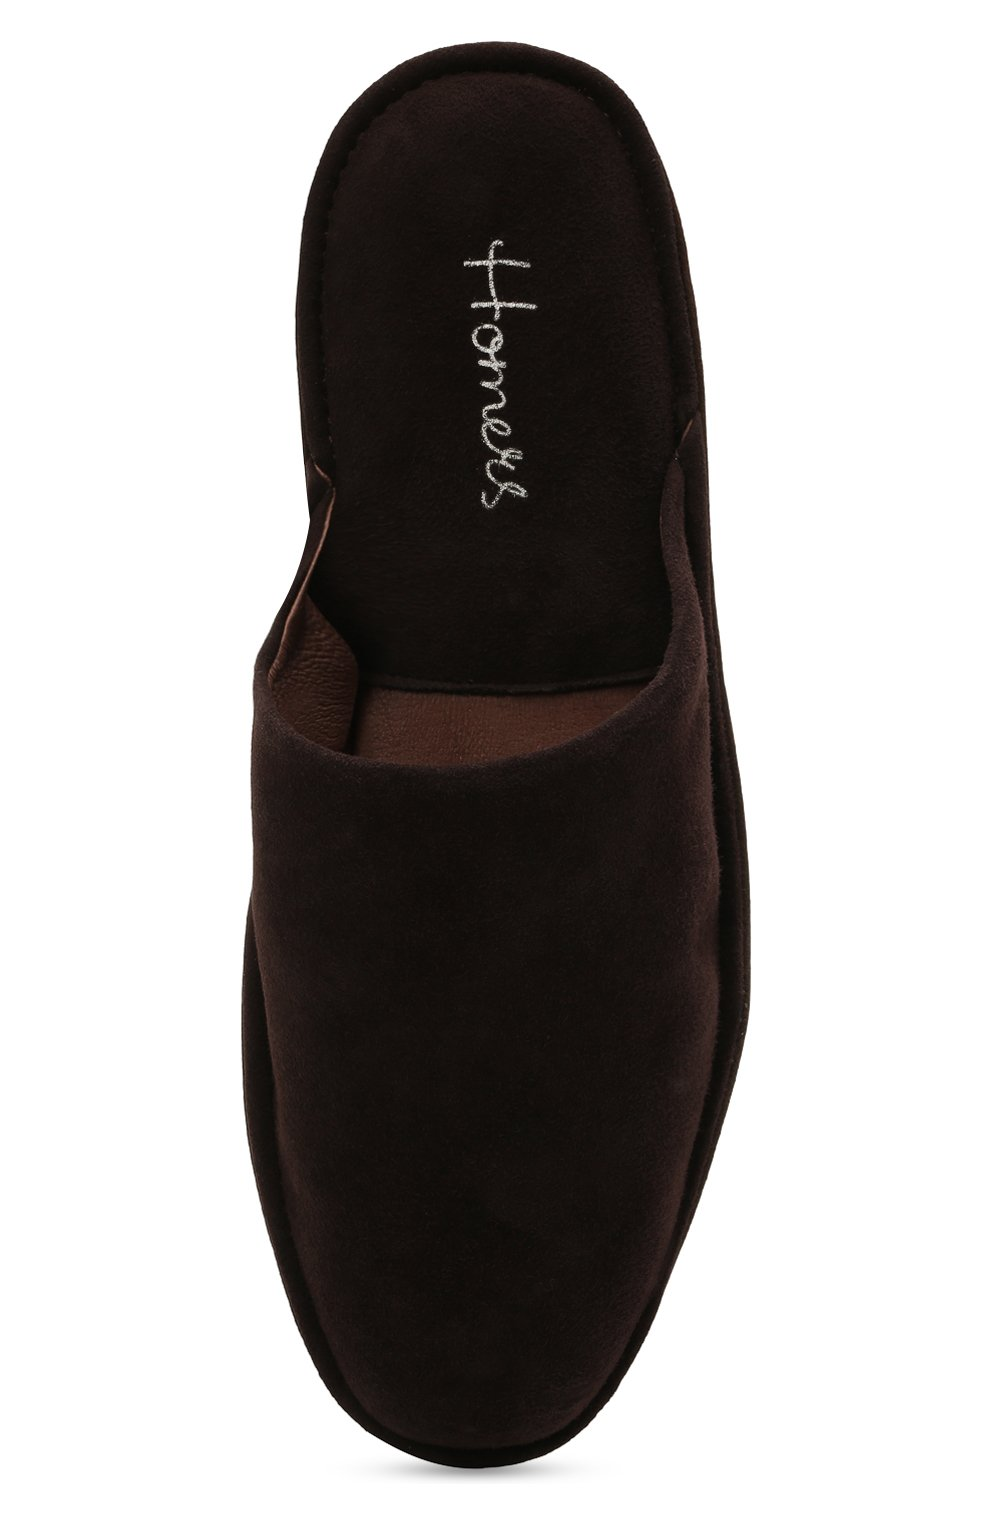 Мужского замшевые домашние туфли HOMERS AT HOME темно-коричневого цвета, арт. 12045/ANTE | Фото 5 (Материал внутренний: Натуральная кожа; Материал внешний: Замша; Мужское Кросс-КТ: тапочки-обувь)